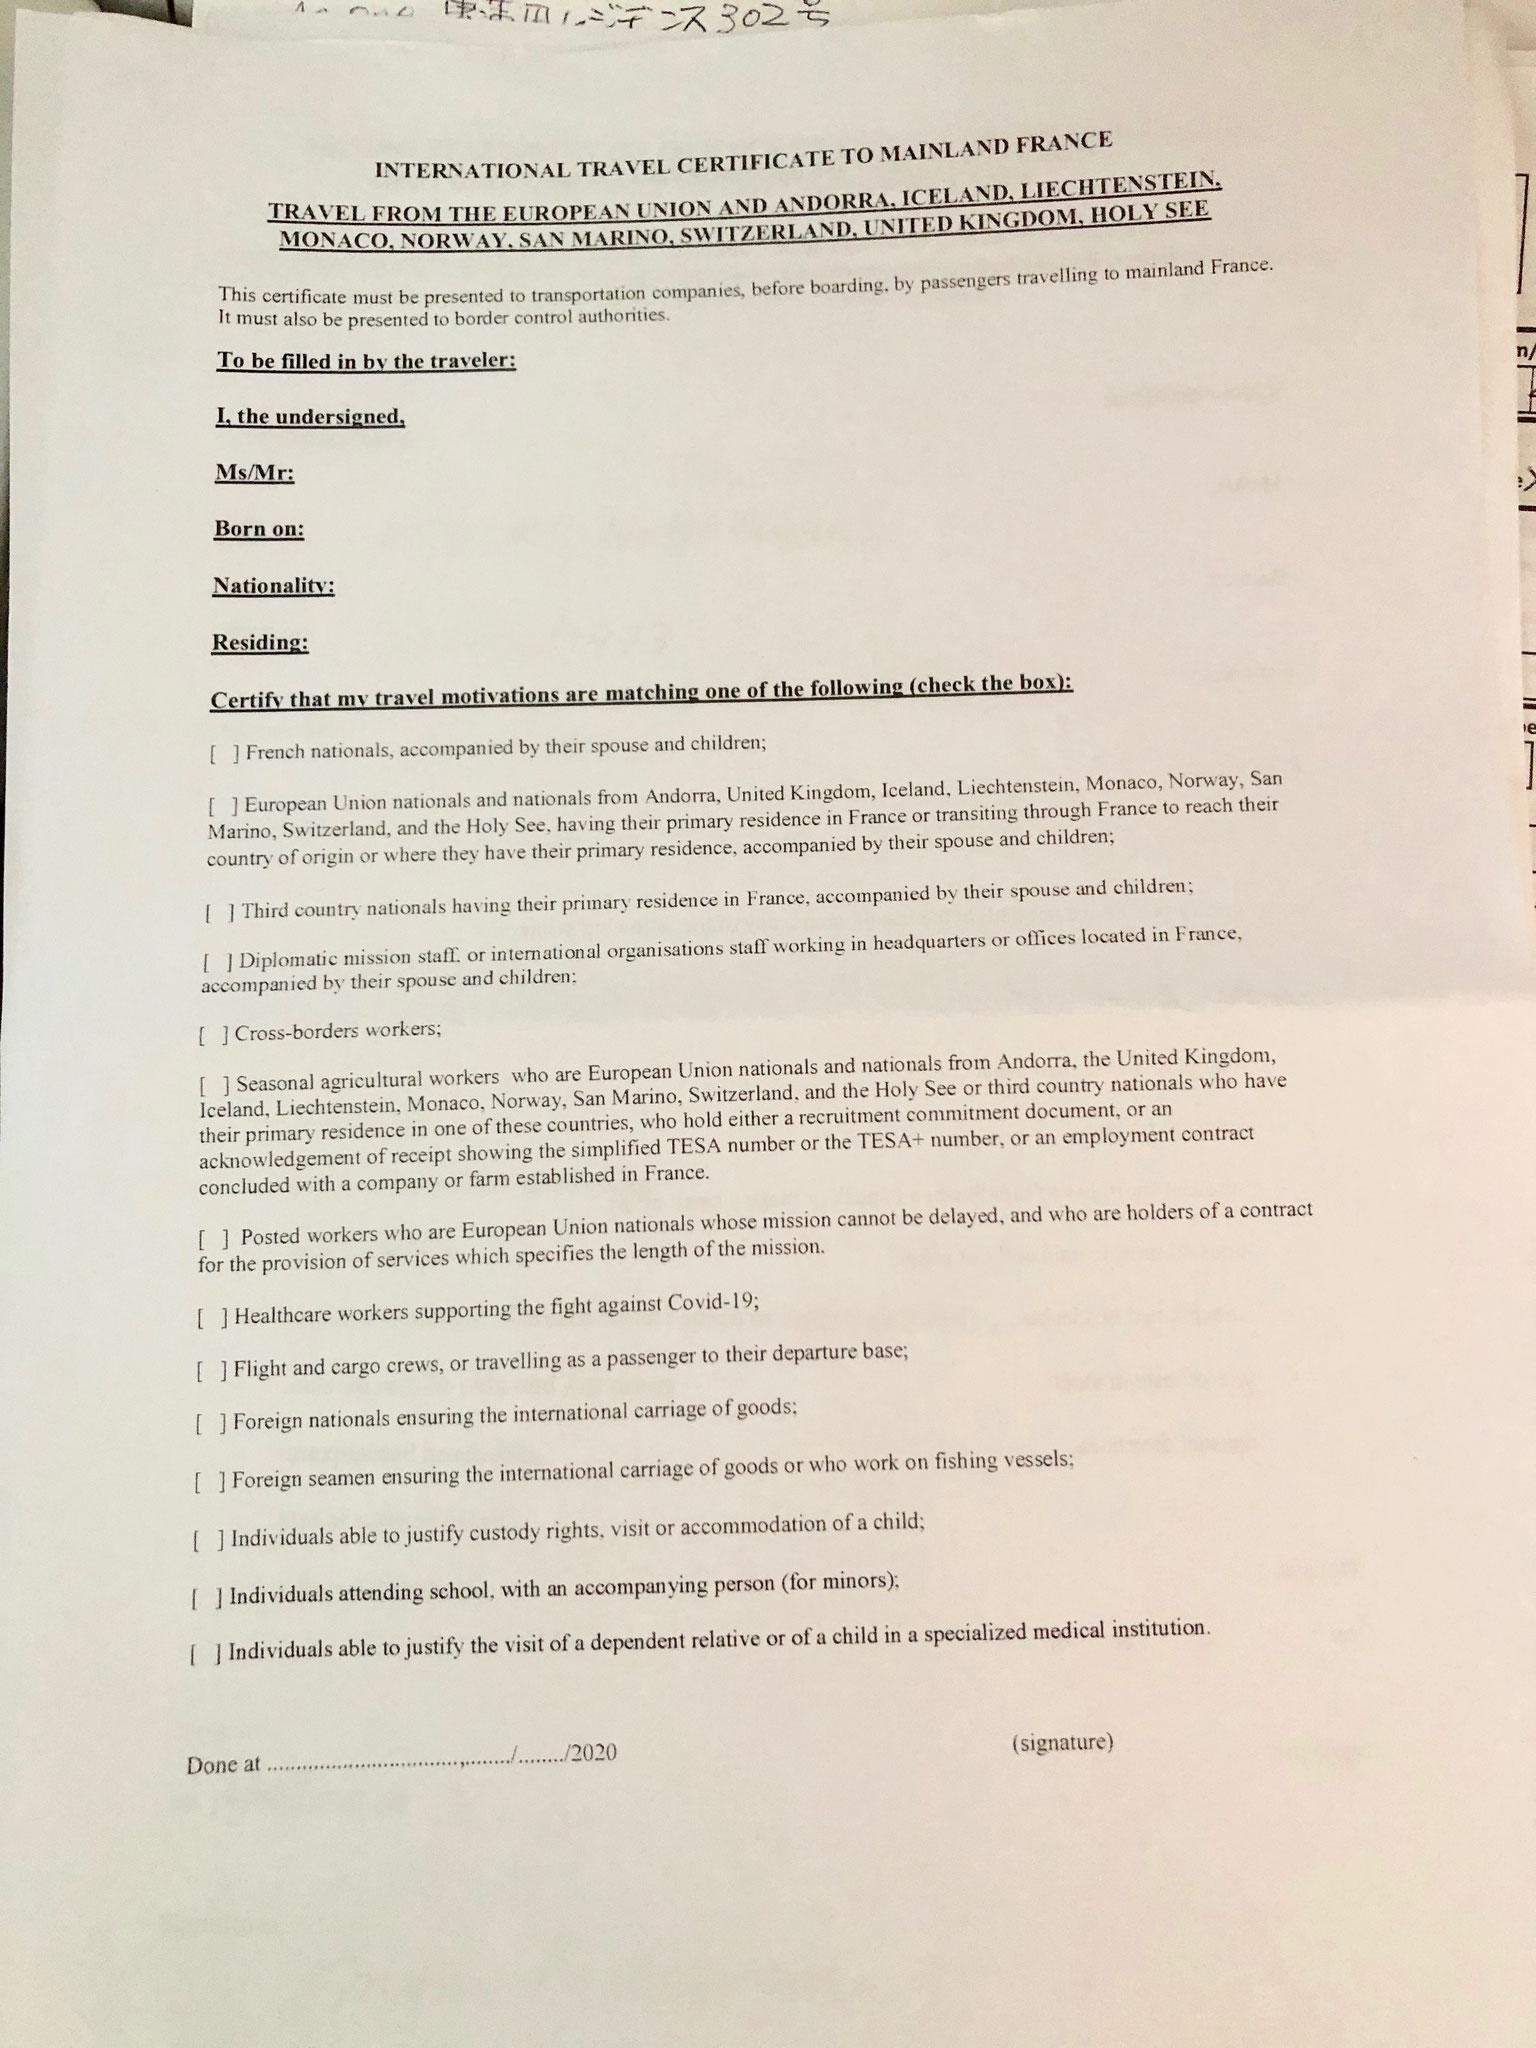 パリ行きのフライト内で記入・提出する自己申告書